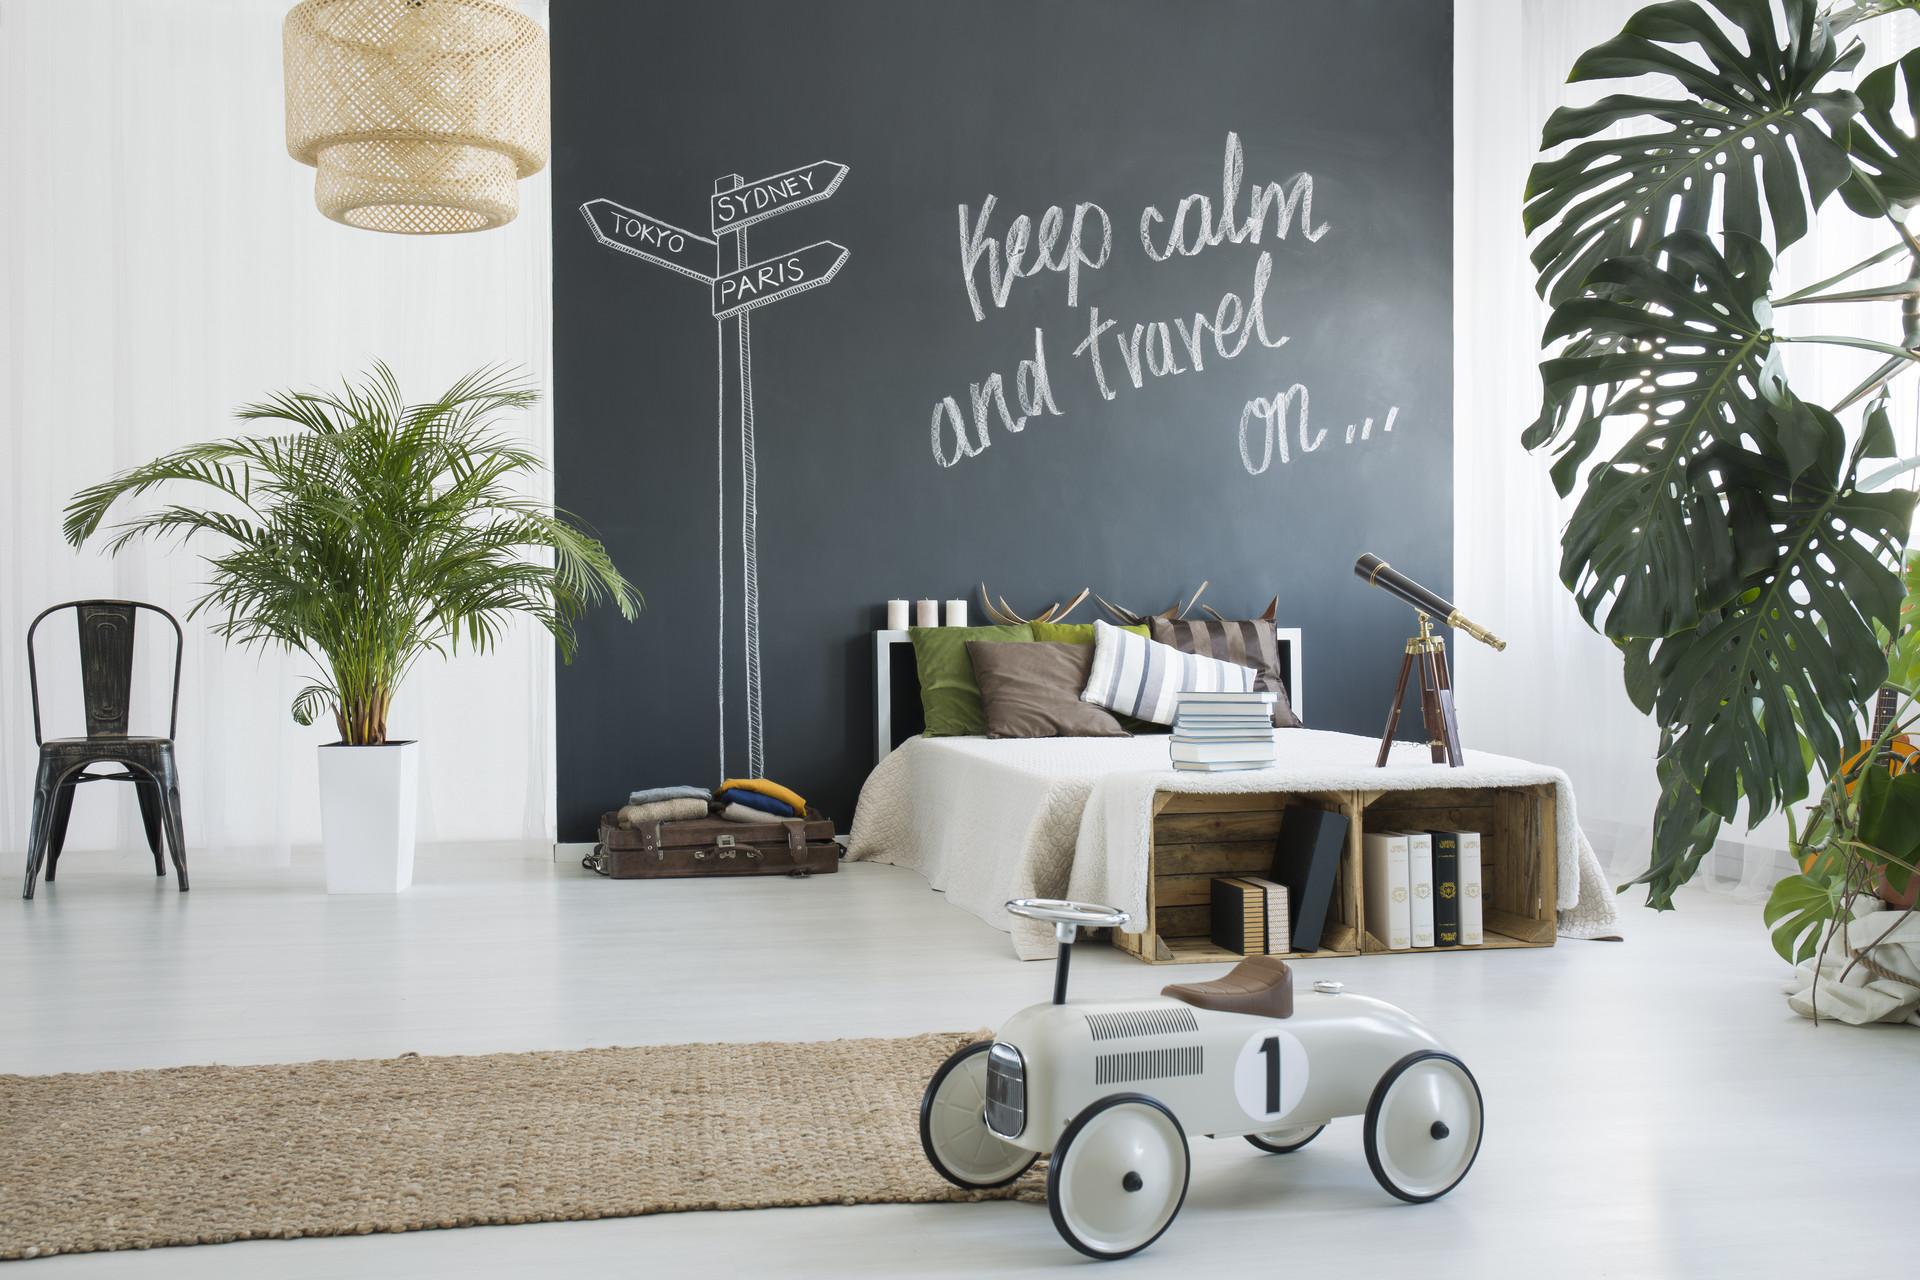 Uw huis vol planten en je bent meer dan hip!